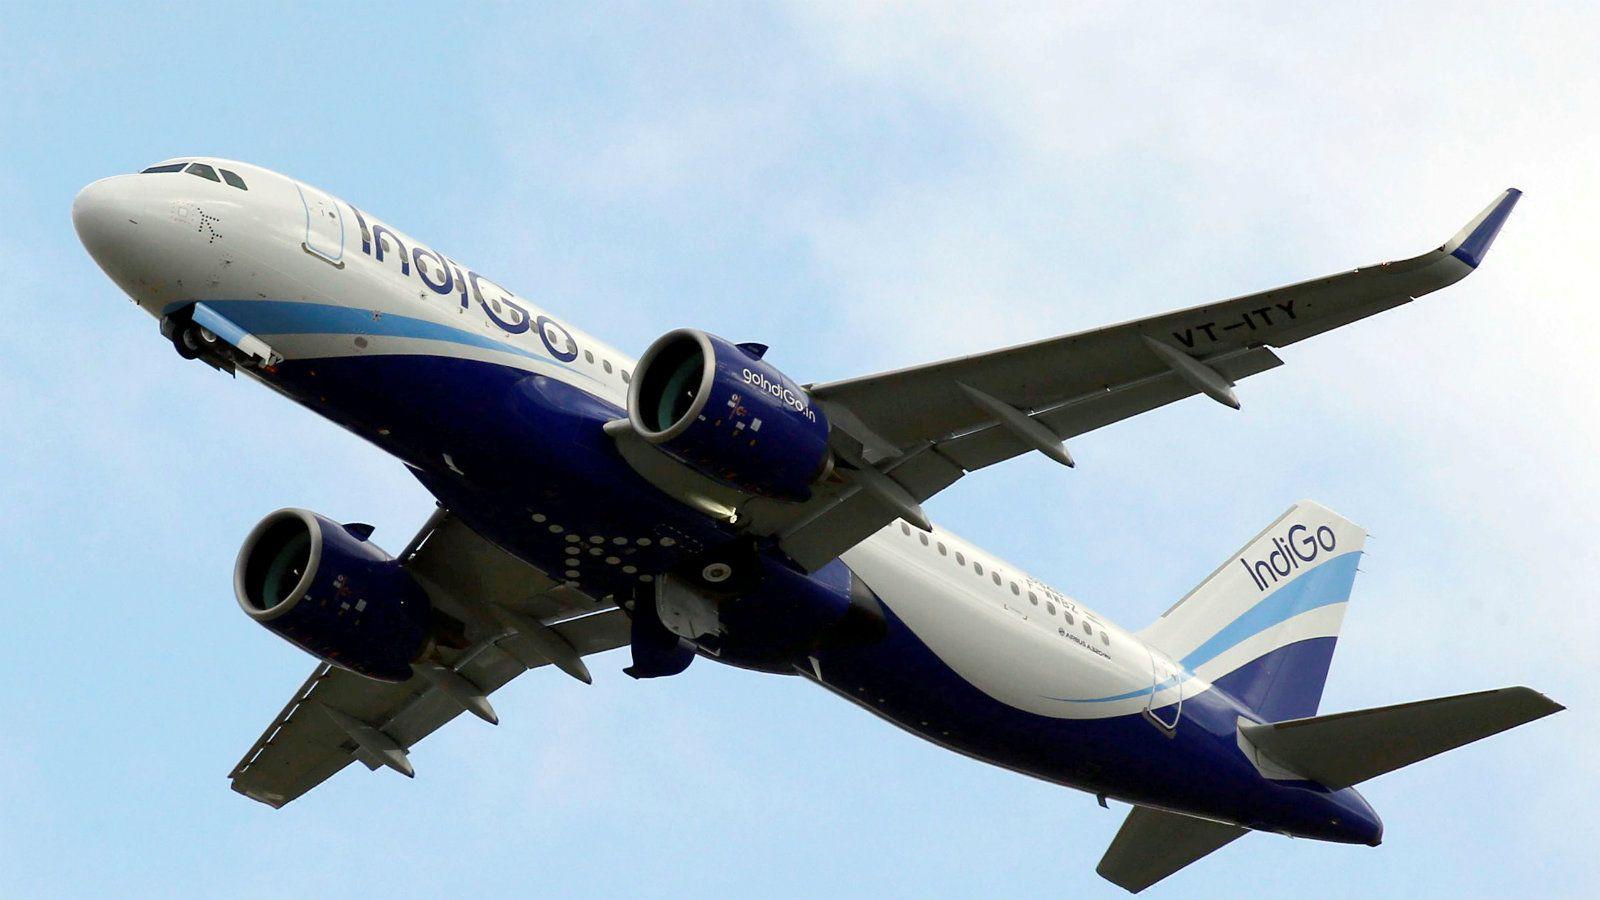 Indigo_airlines